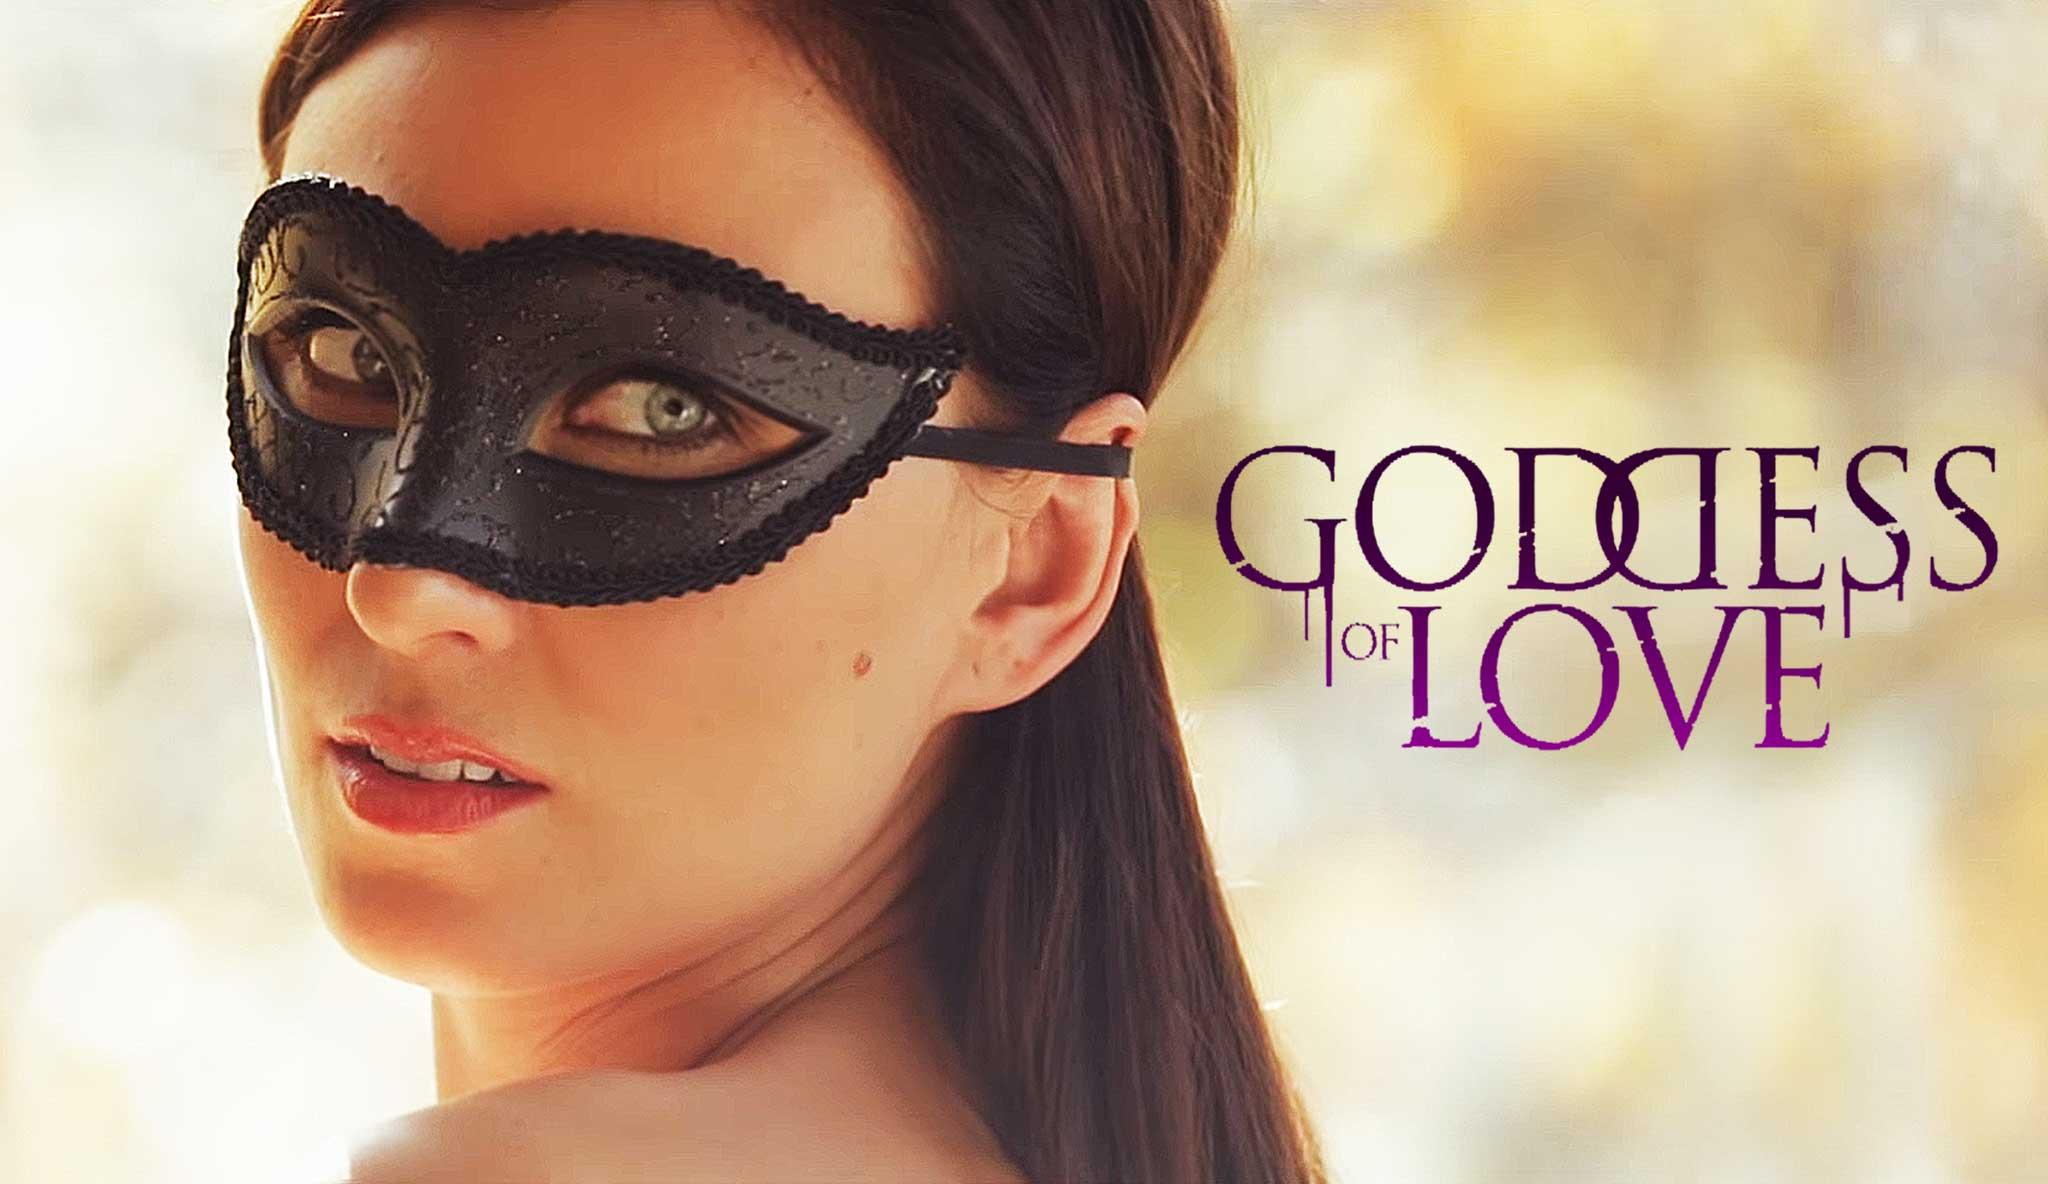 goddess-of-love\header.jpg